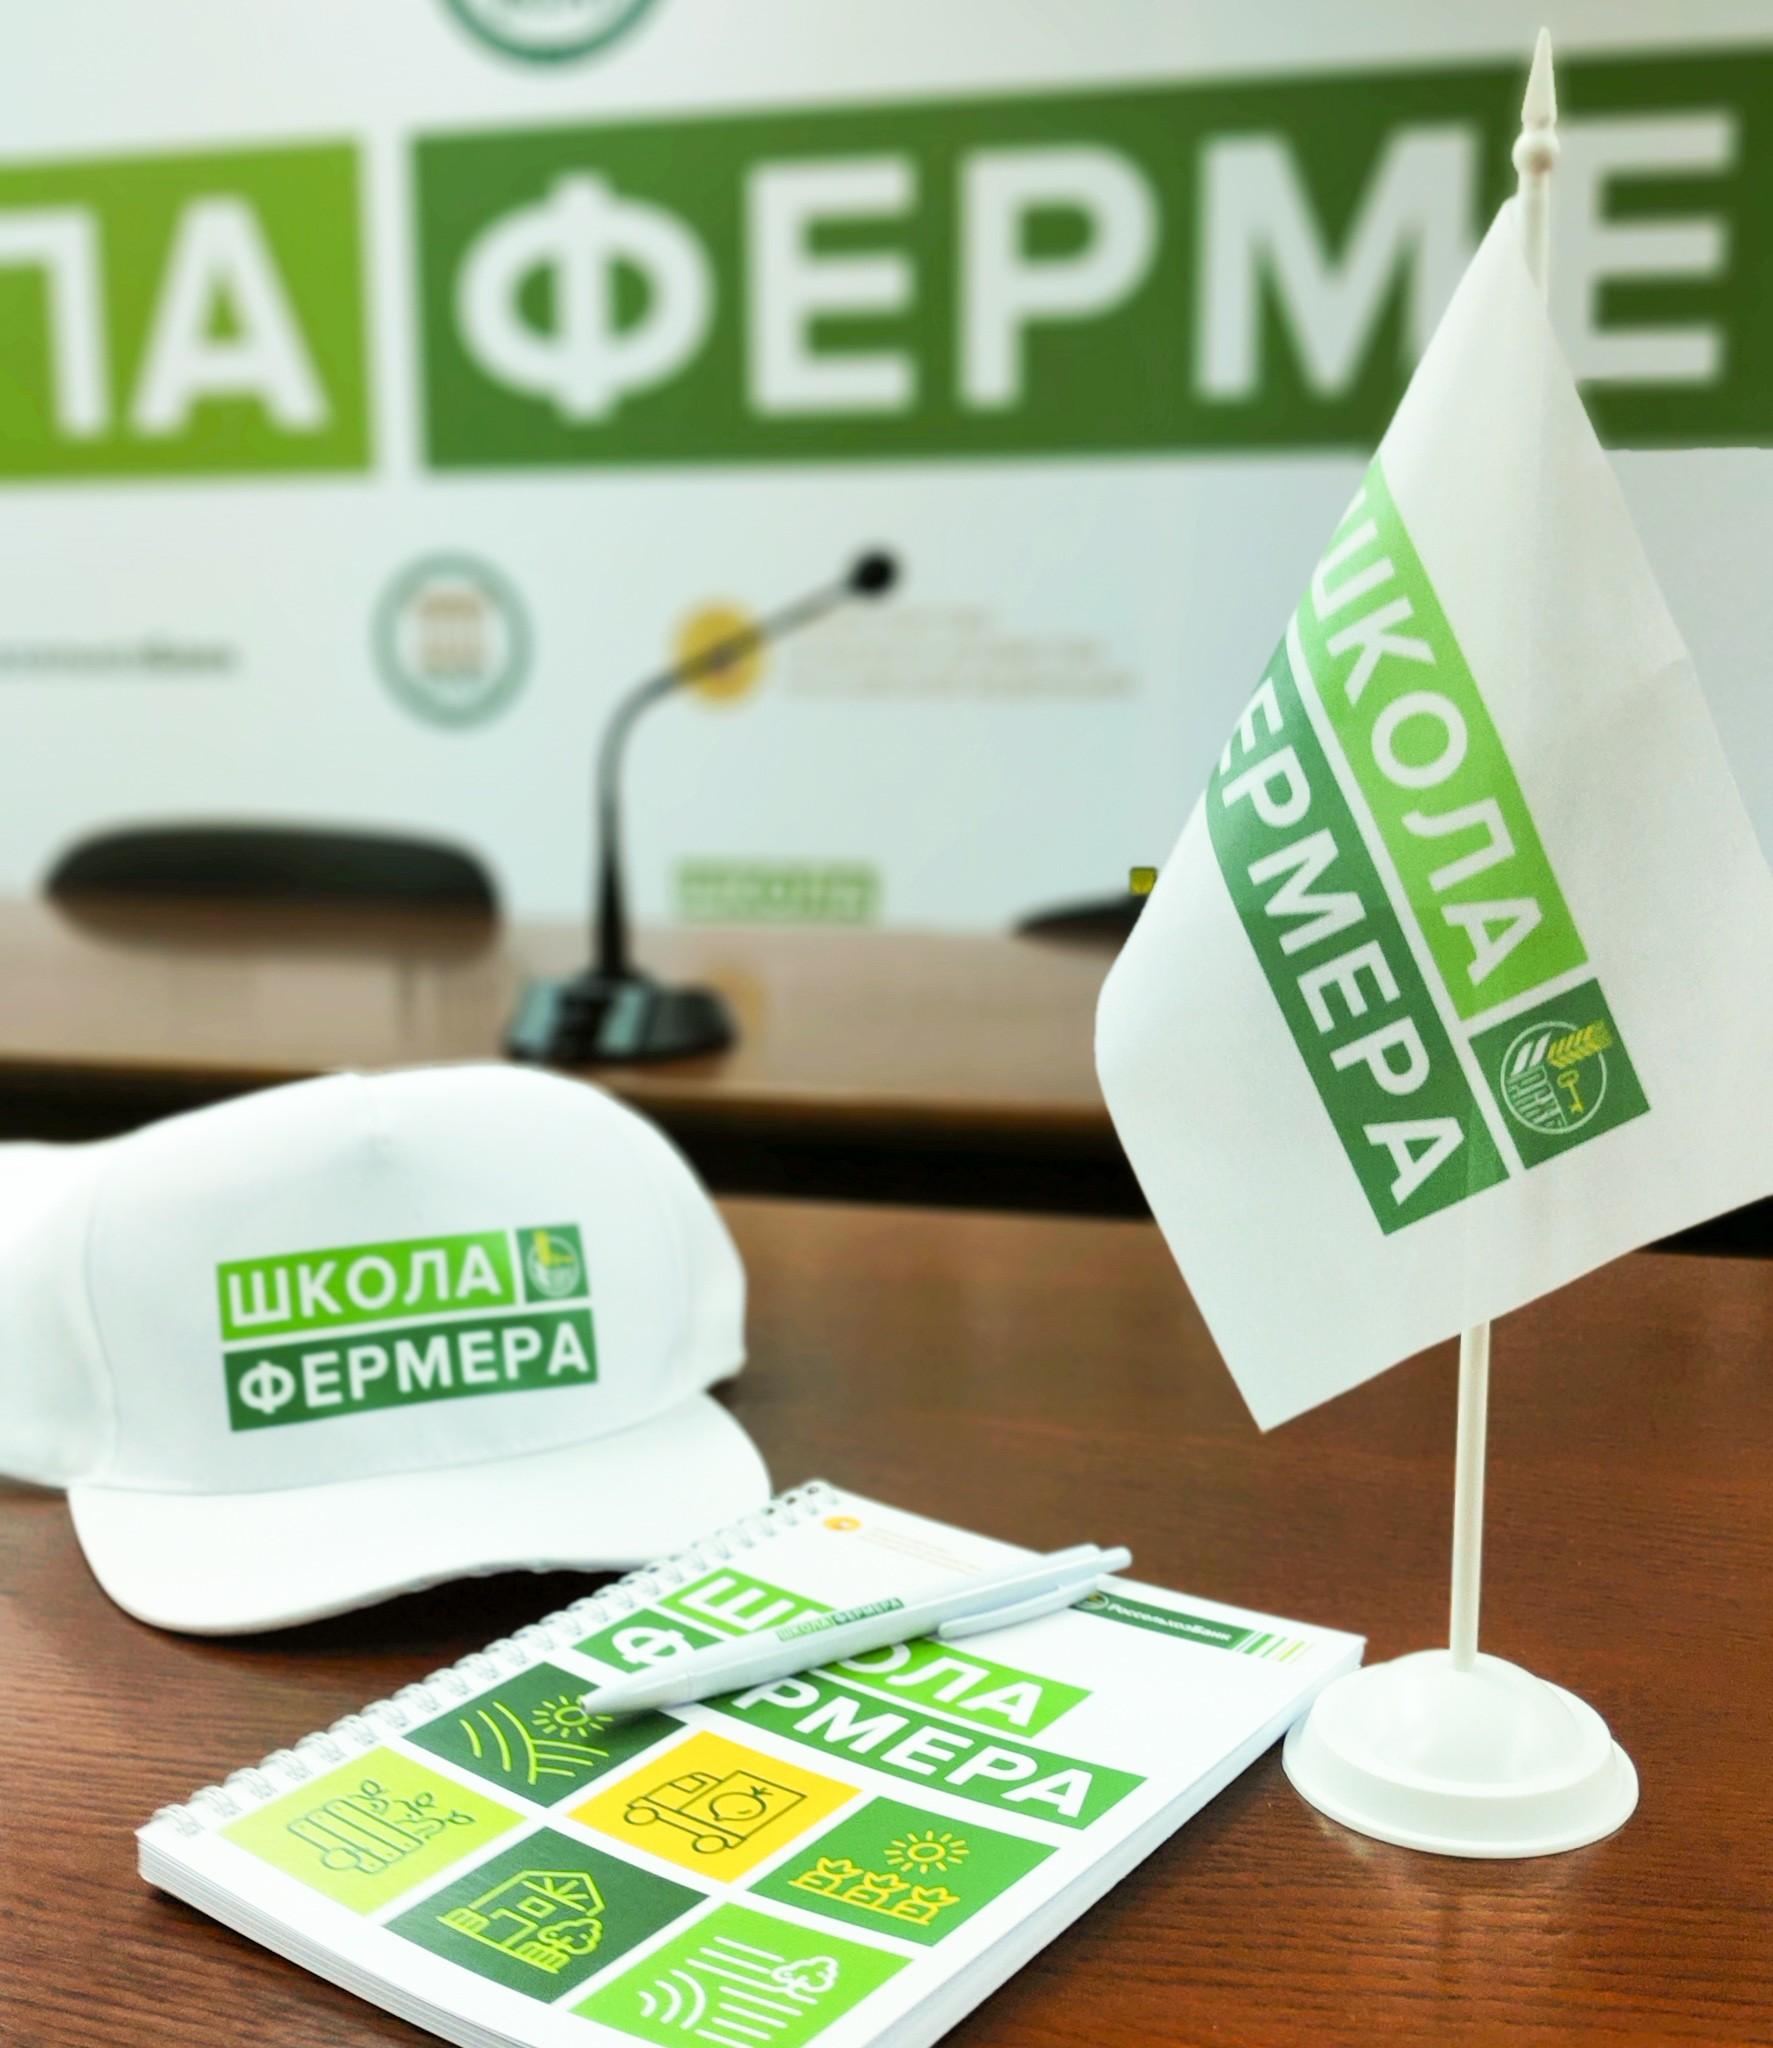 Ульяновские фермеры пошли учиться в школу